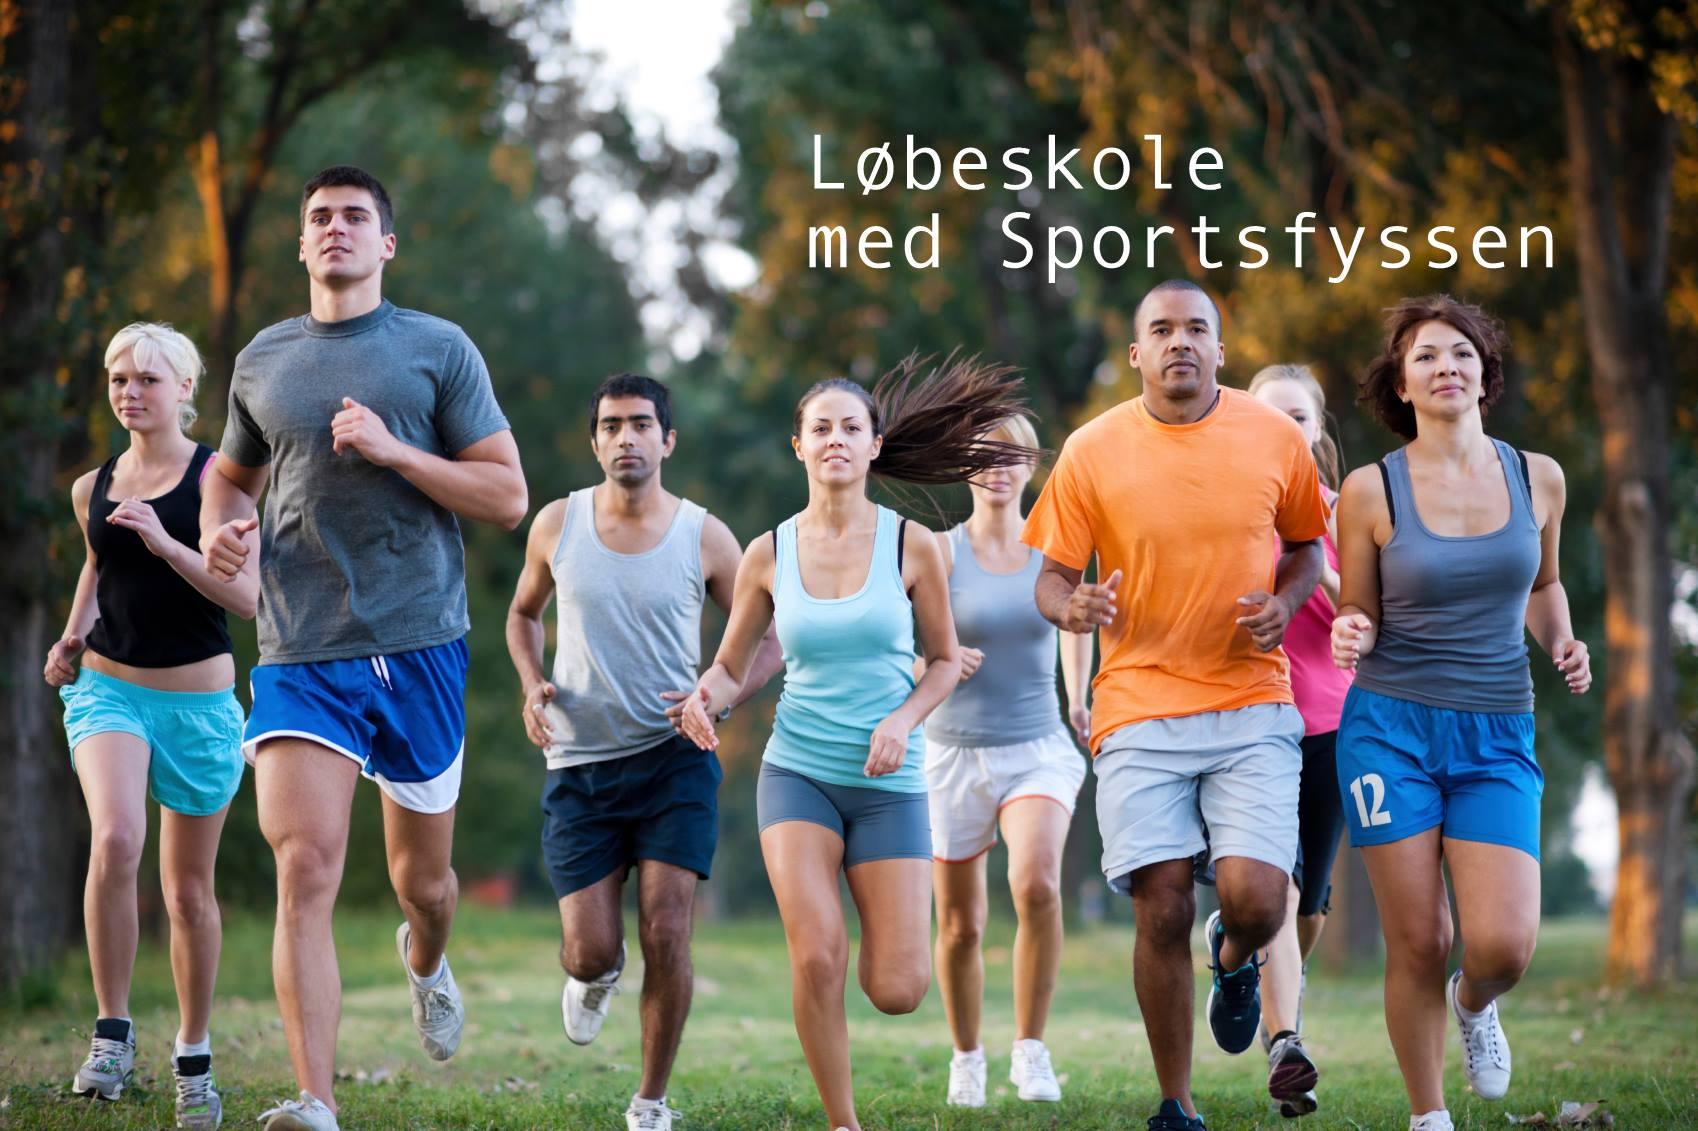 Løbeskole